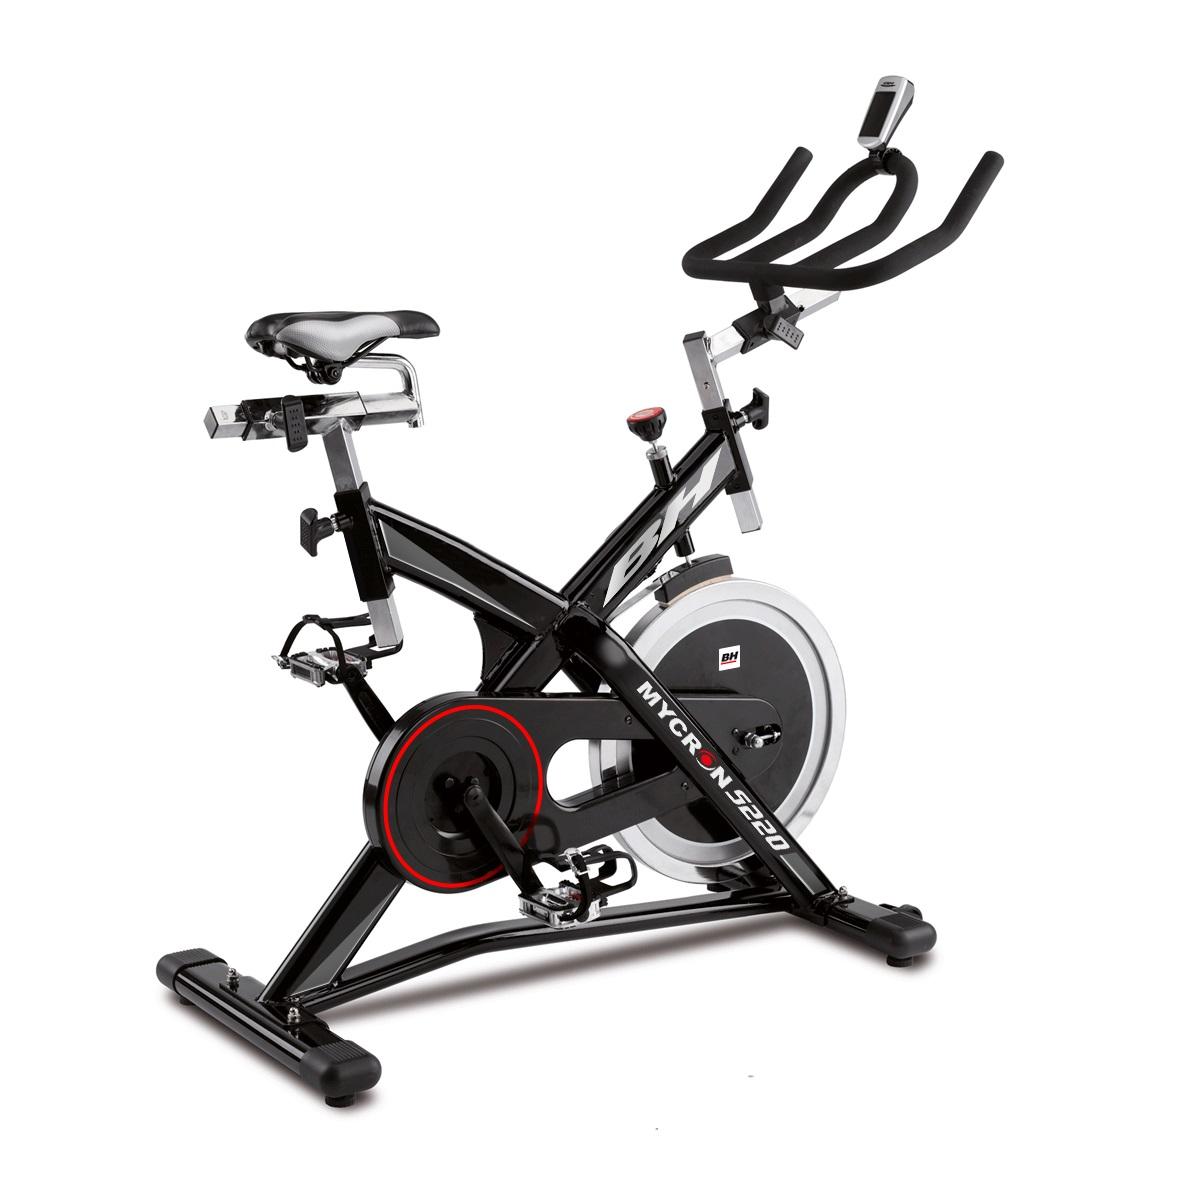 Bh fitness Mycron S220